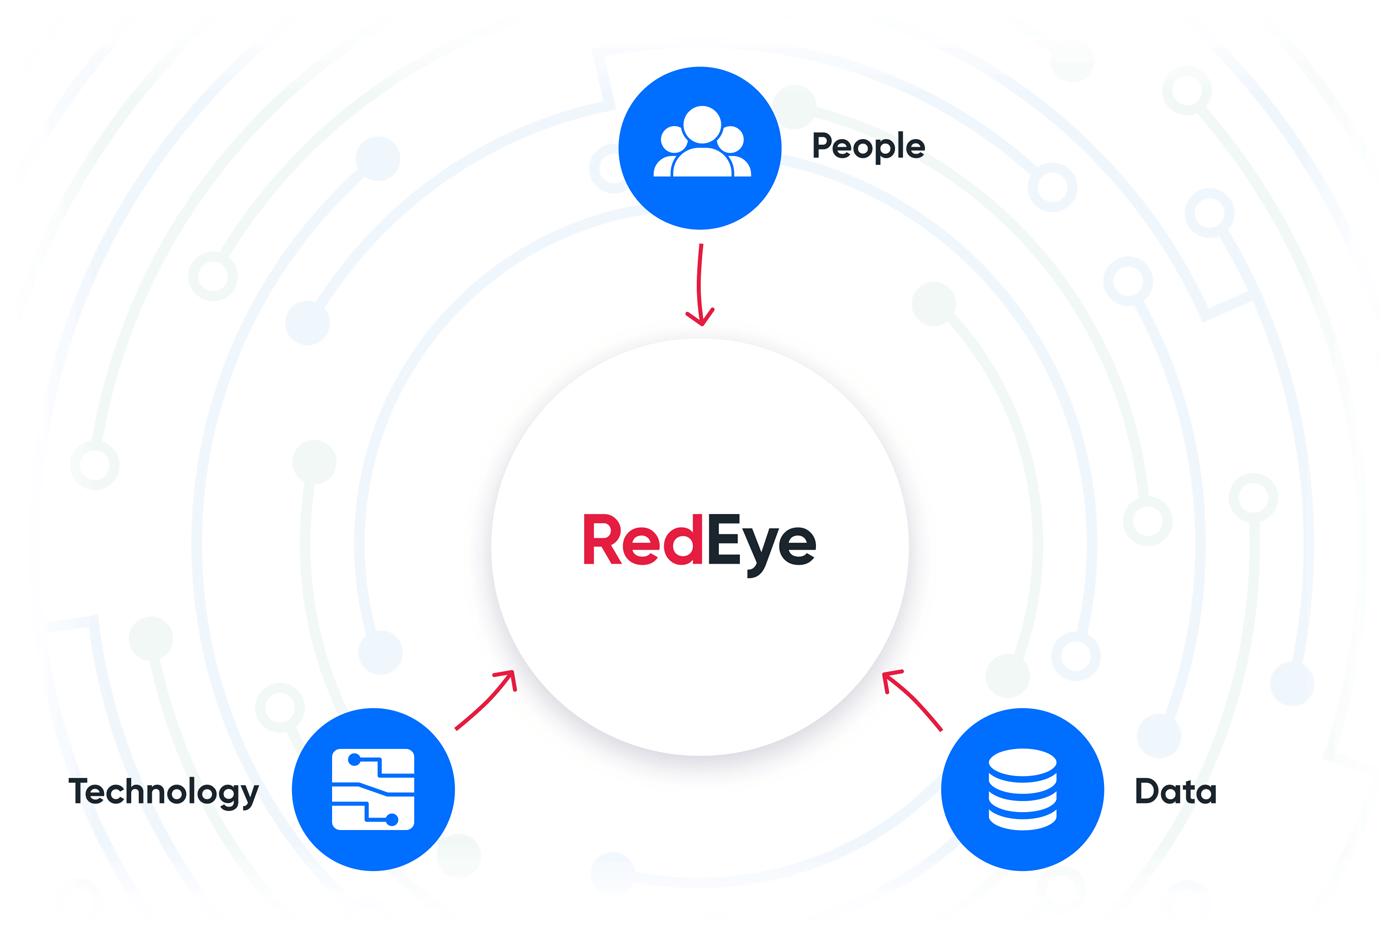 About RedEye